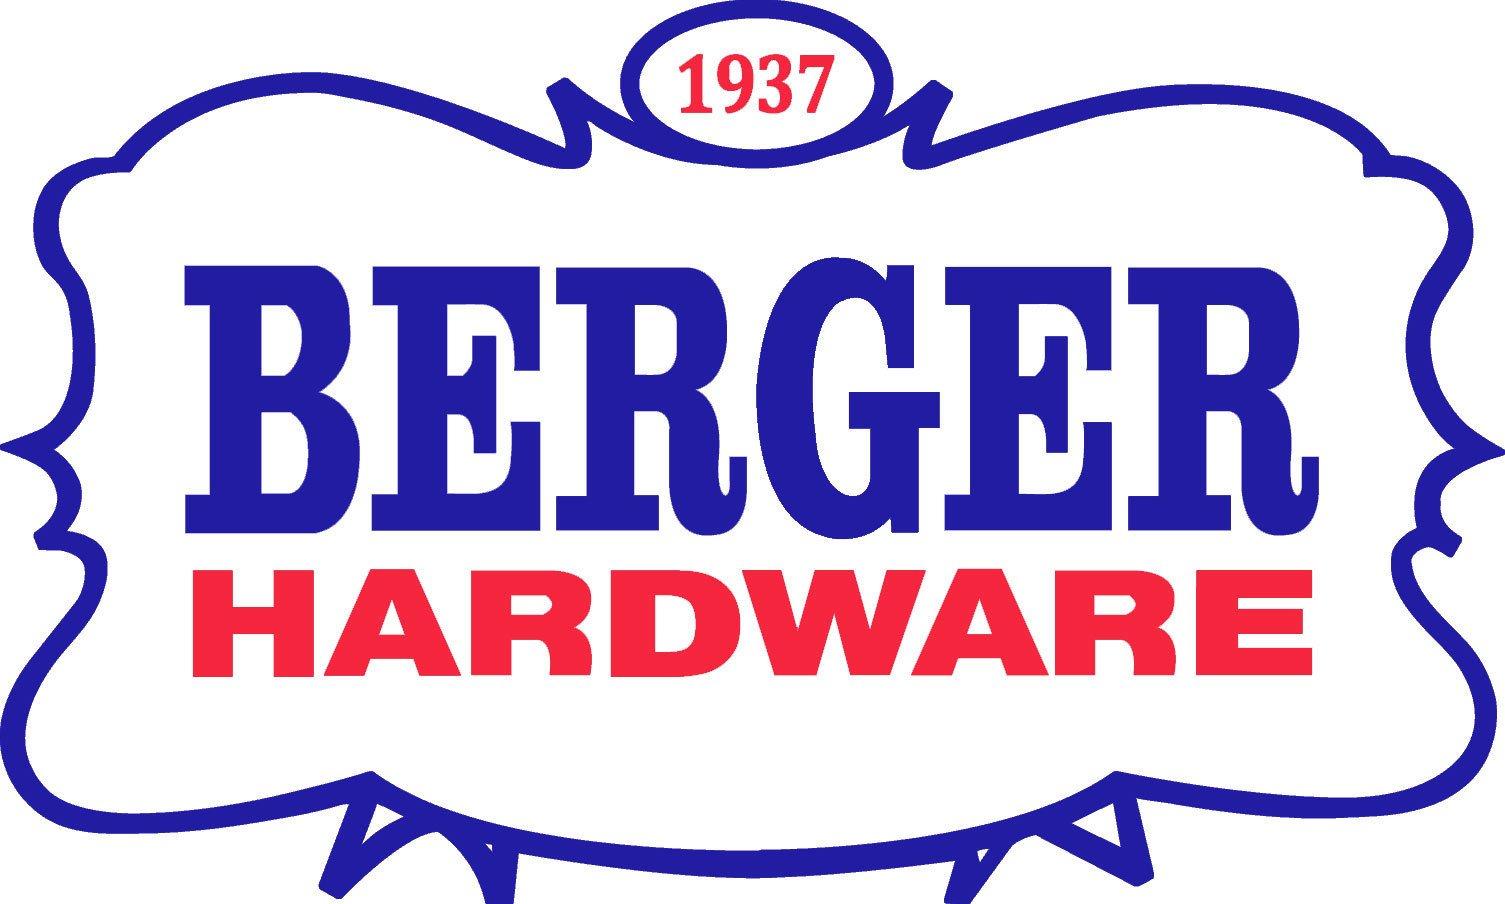 Berger Hardware